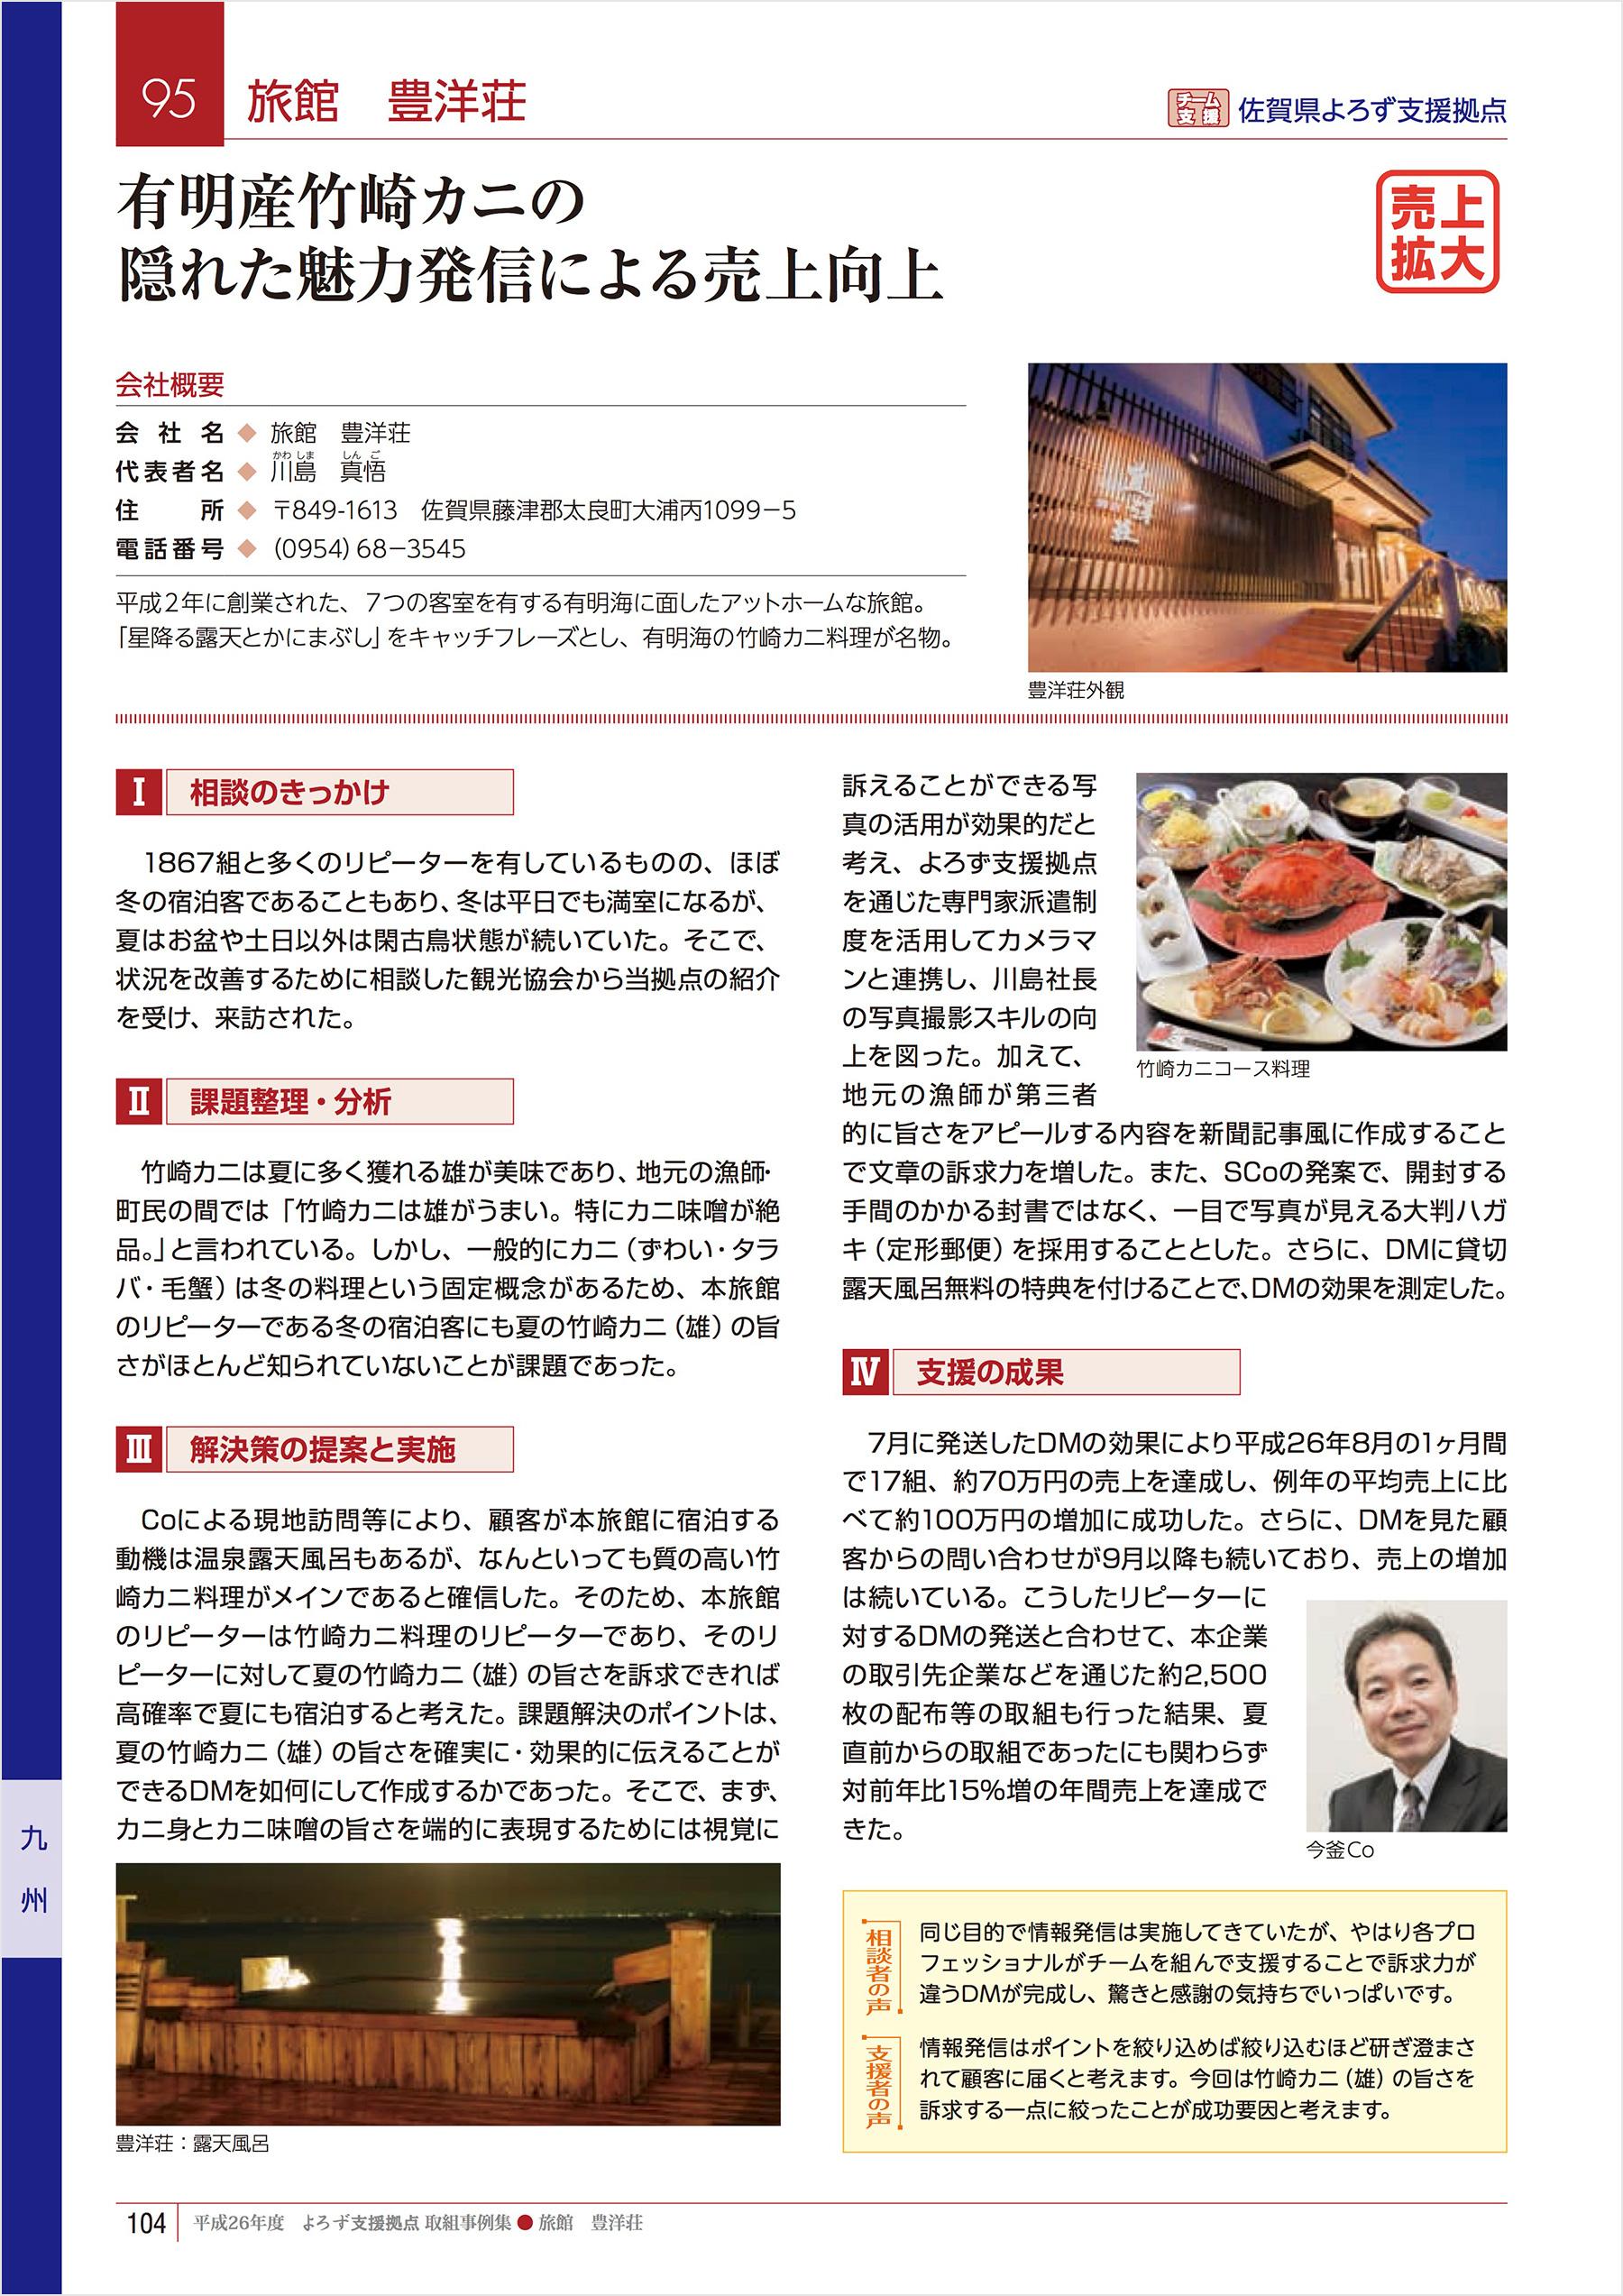 平成26年度 佐賀県よろず支援拠点 取組事例 旅館 豊洋荘